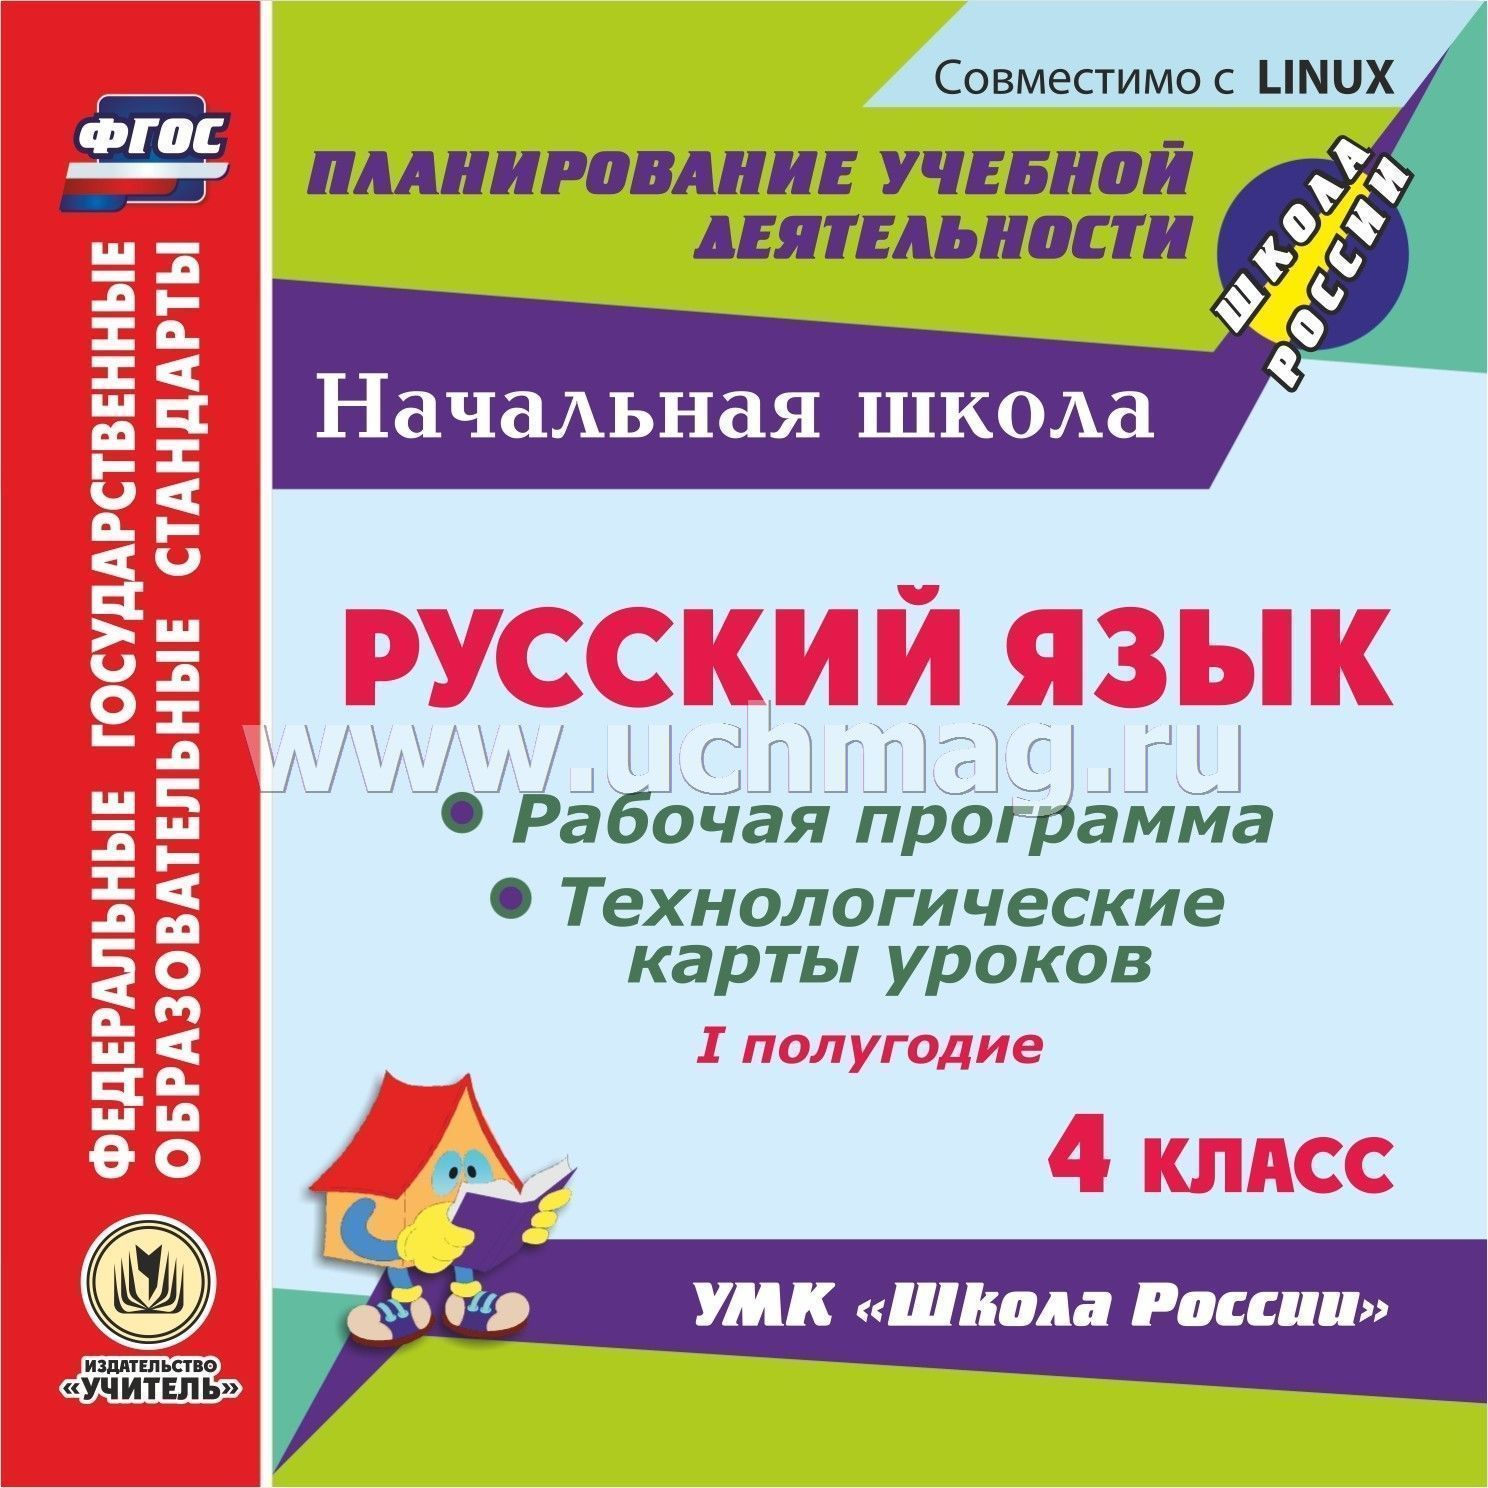 Мониторинг за 1 полугодие в 4 классе по умк школа россии